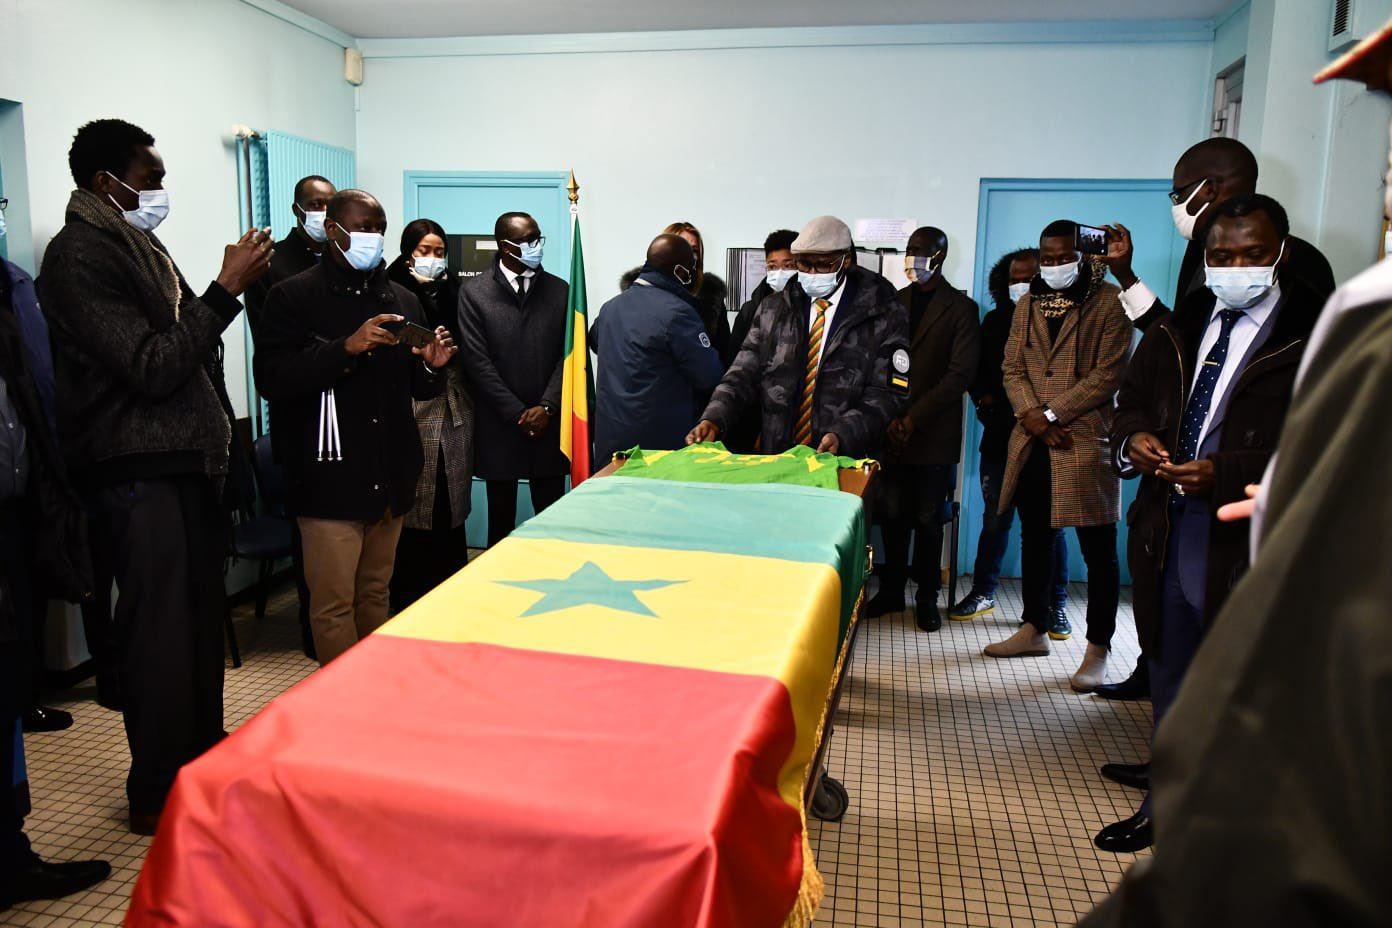 (Photos - Vidéo) Lens : Levée du corps de Papa Bouba Diop